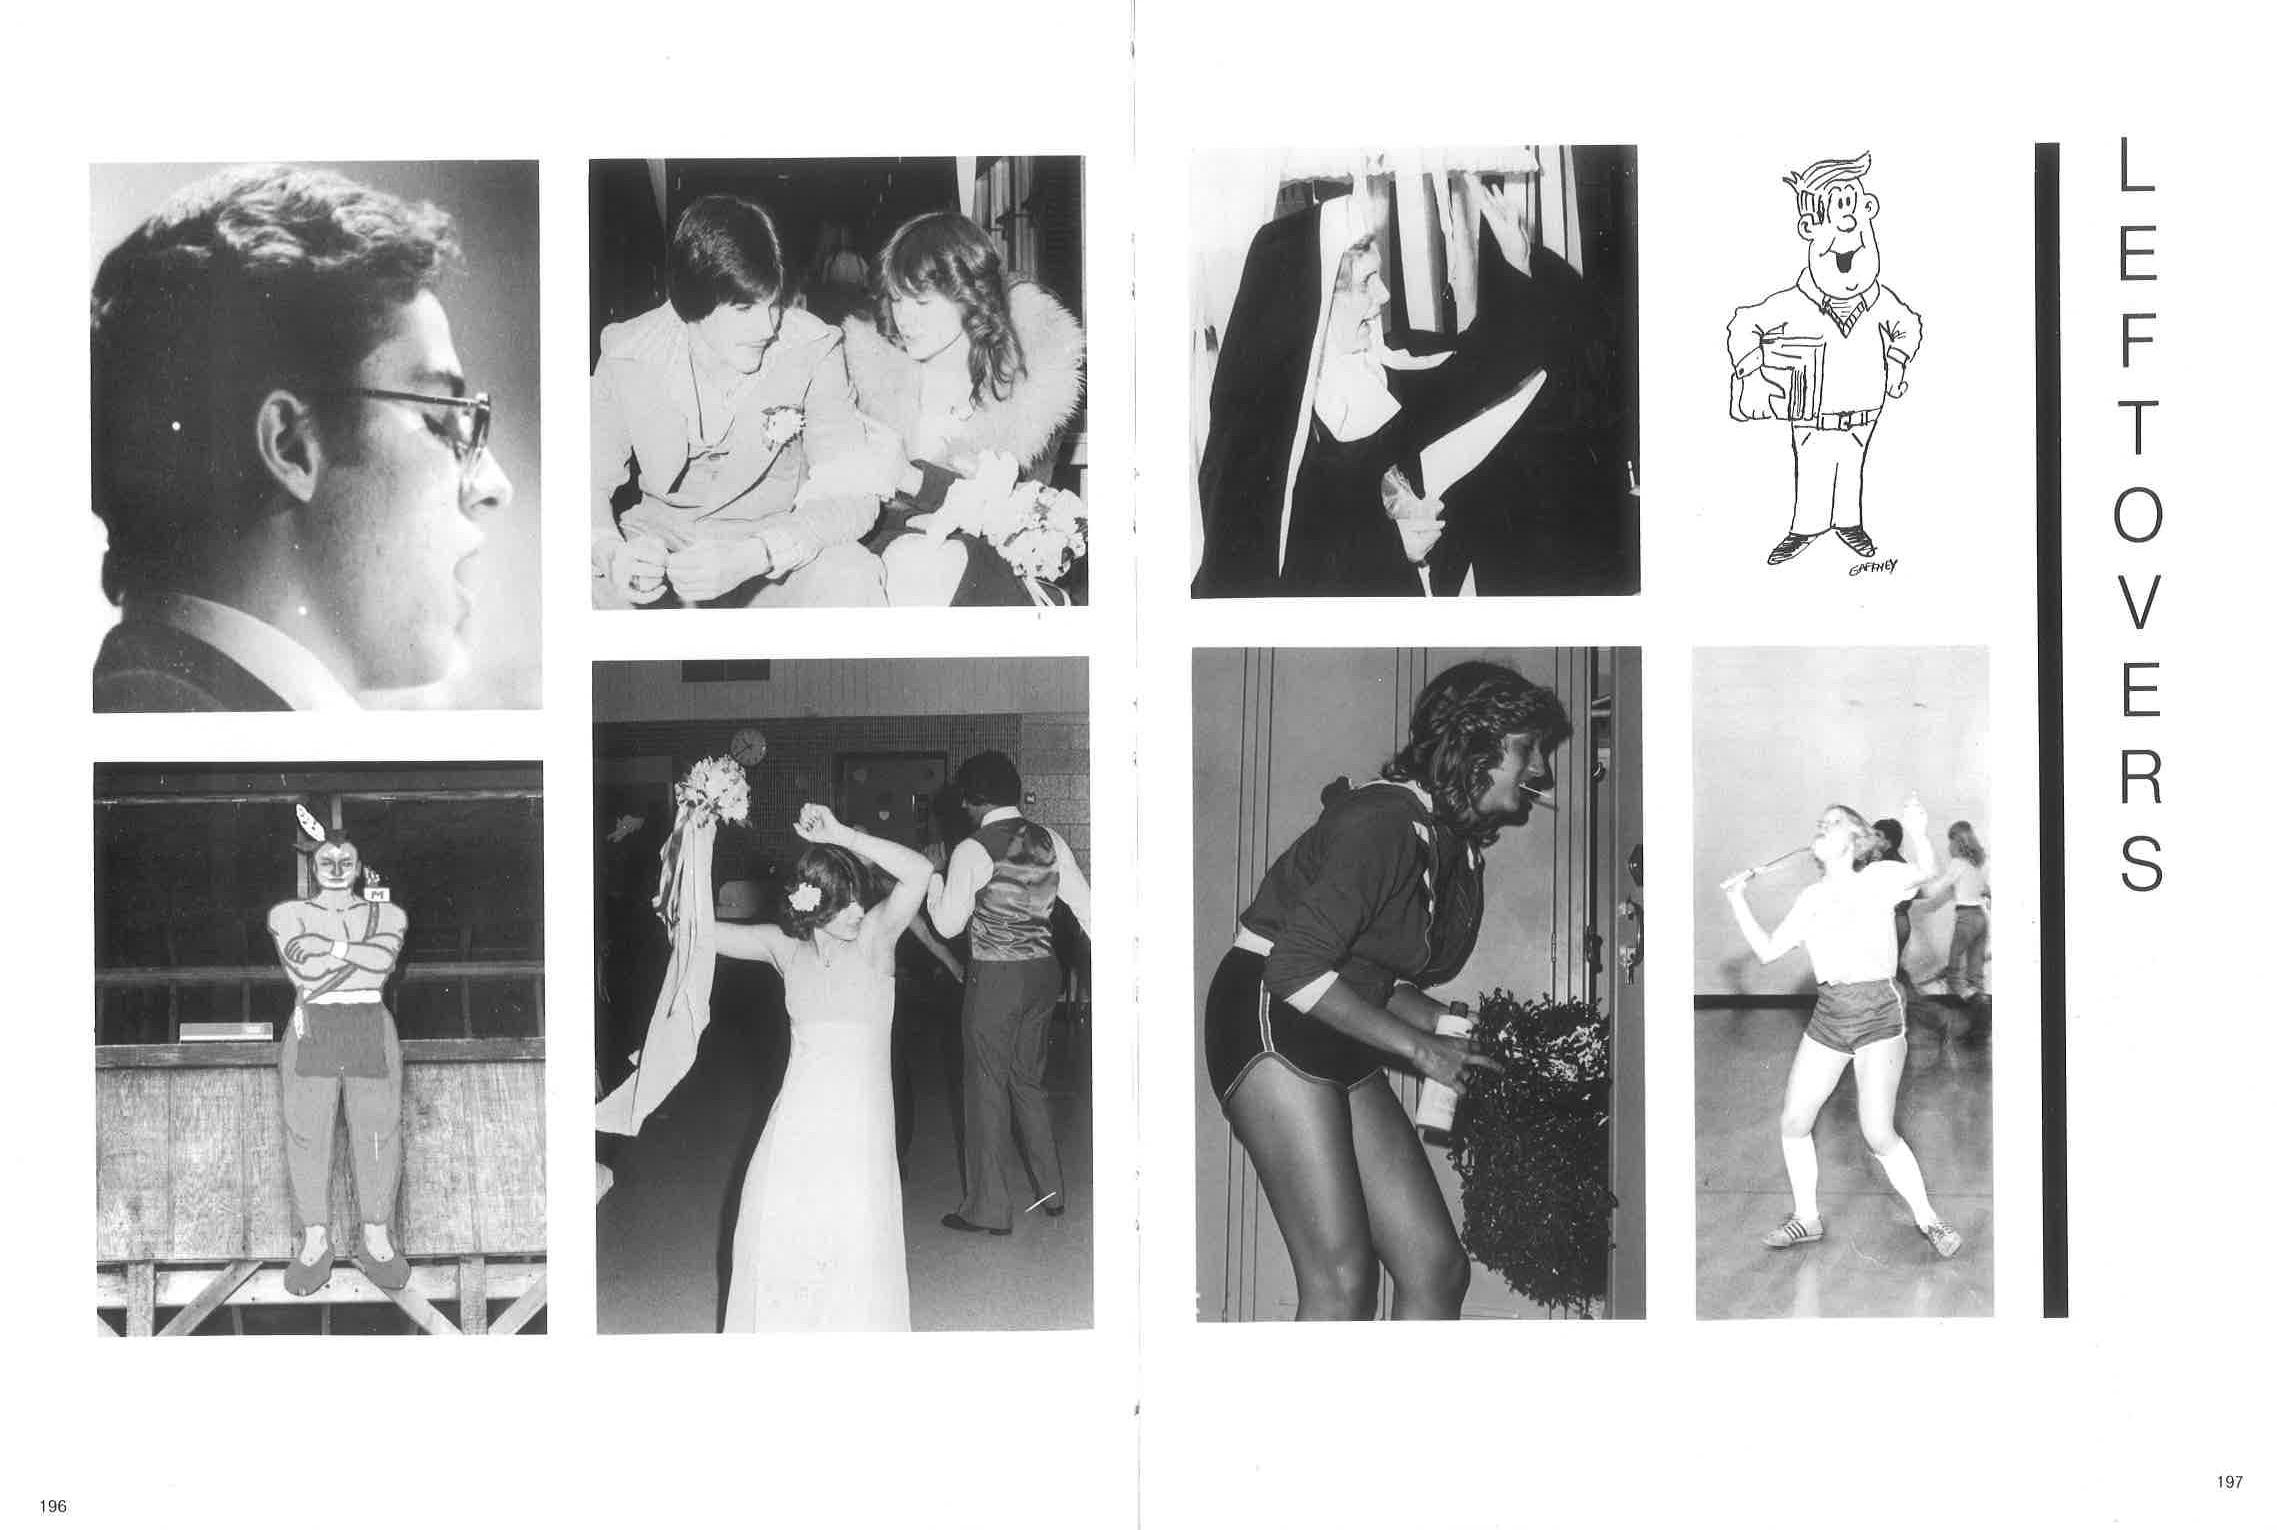 1979_Yearbook_188.jpg